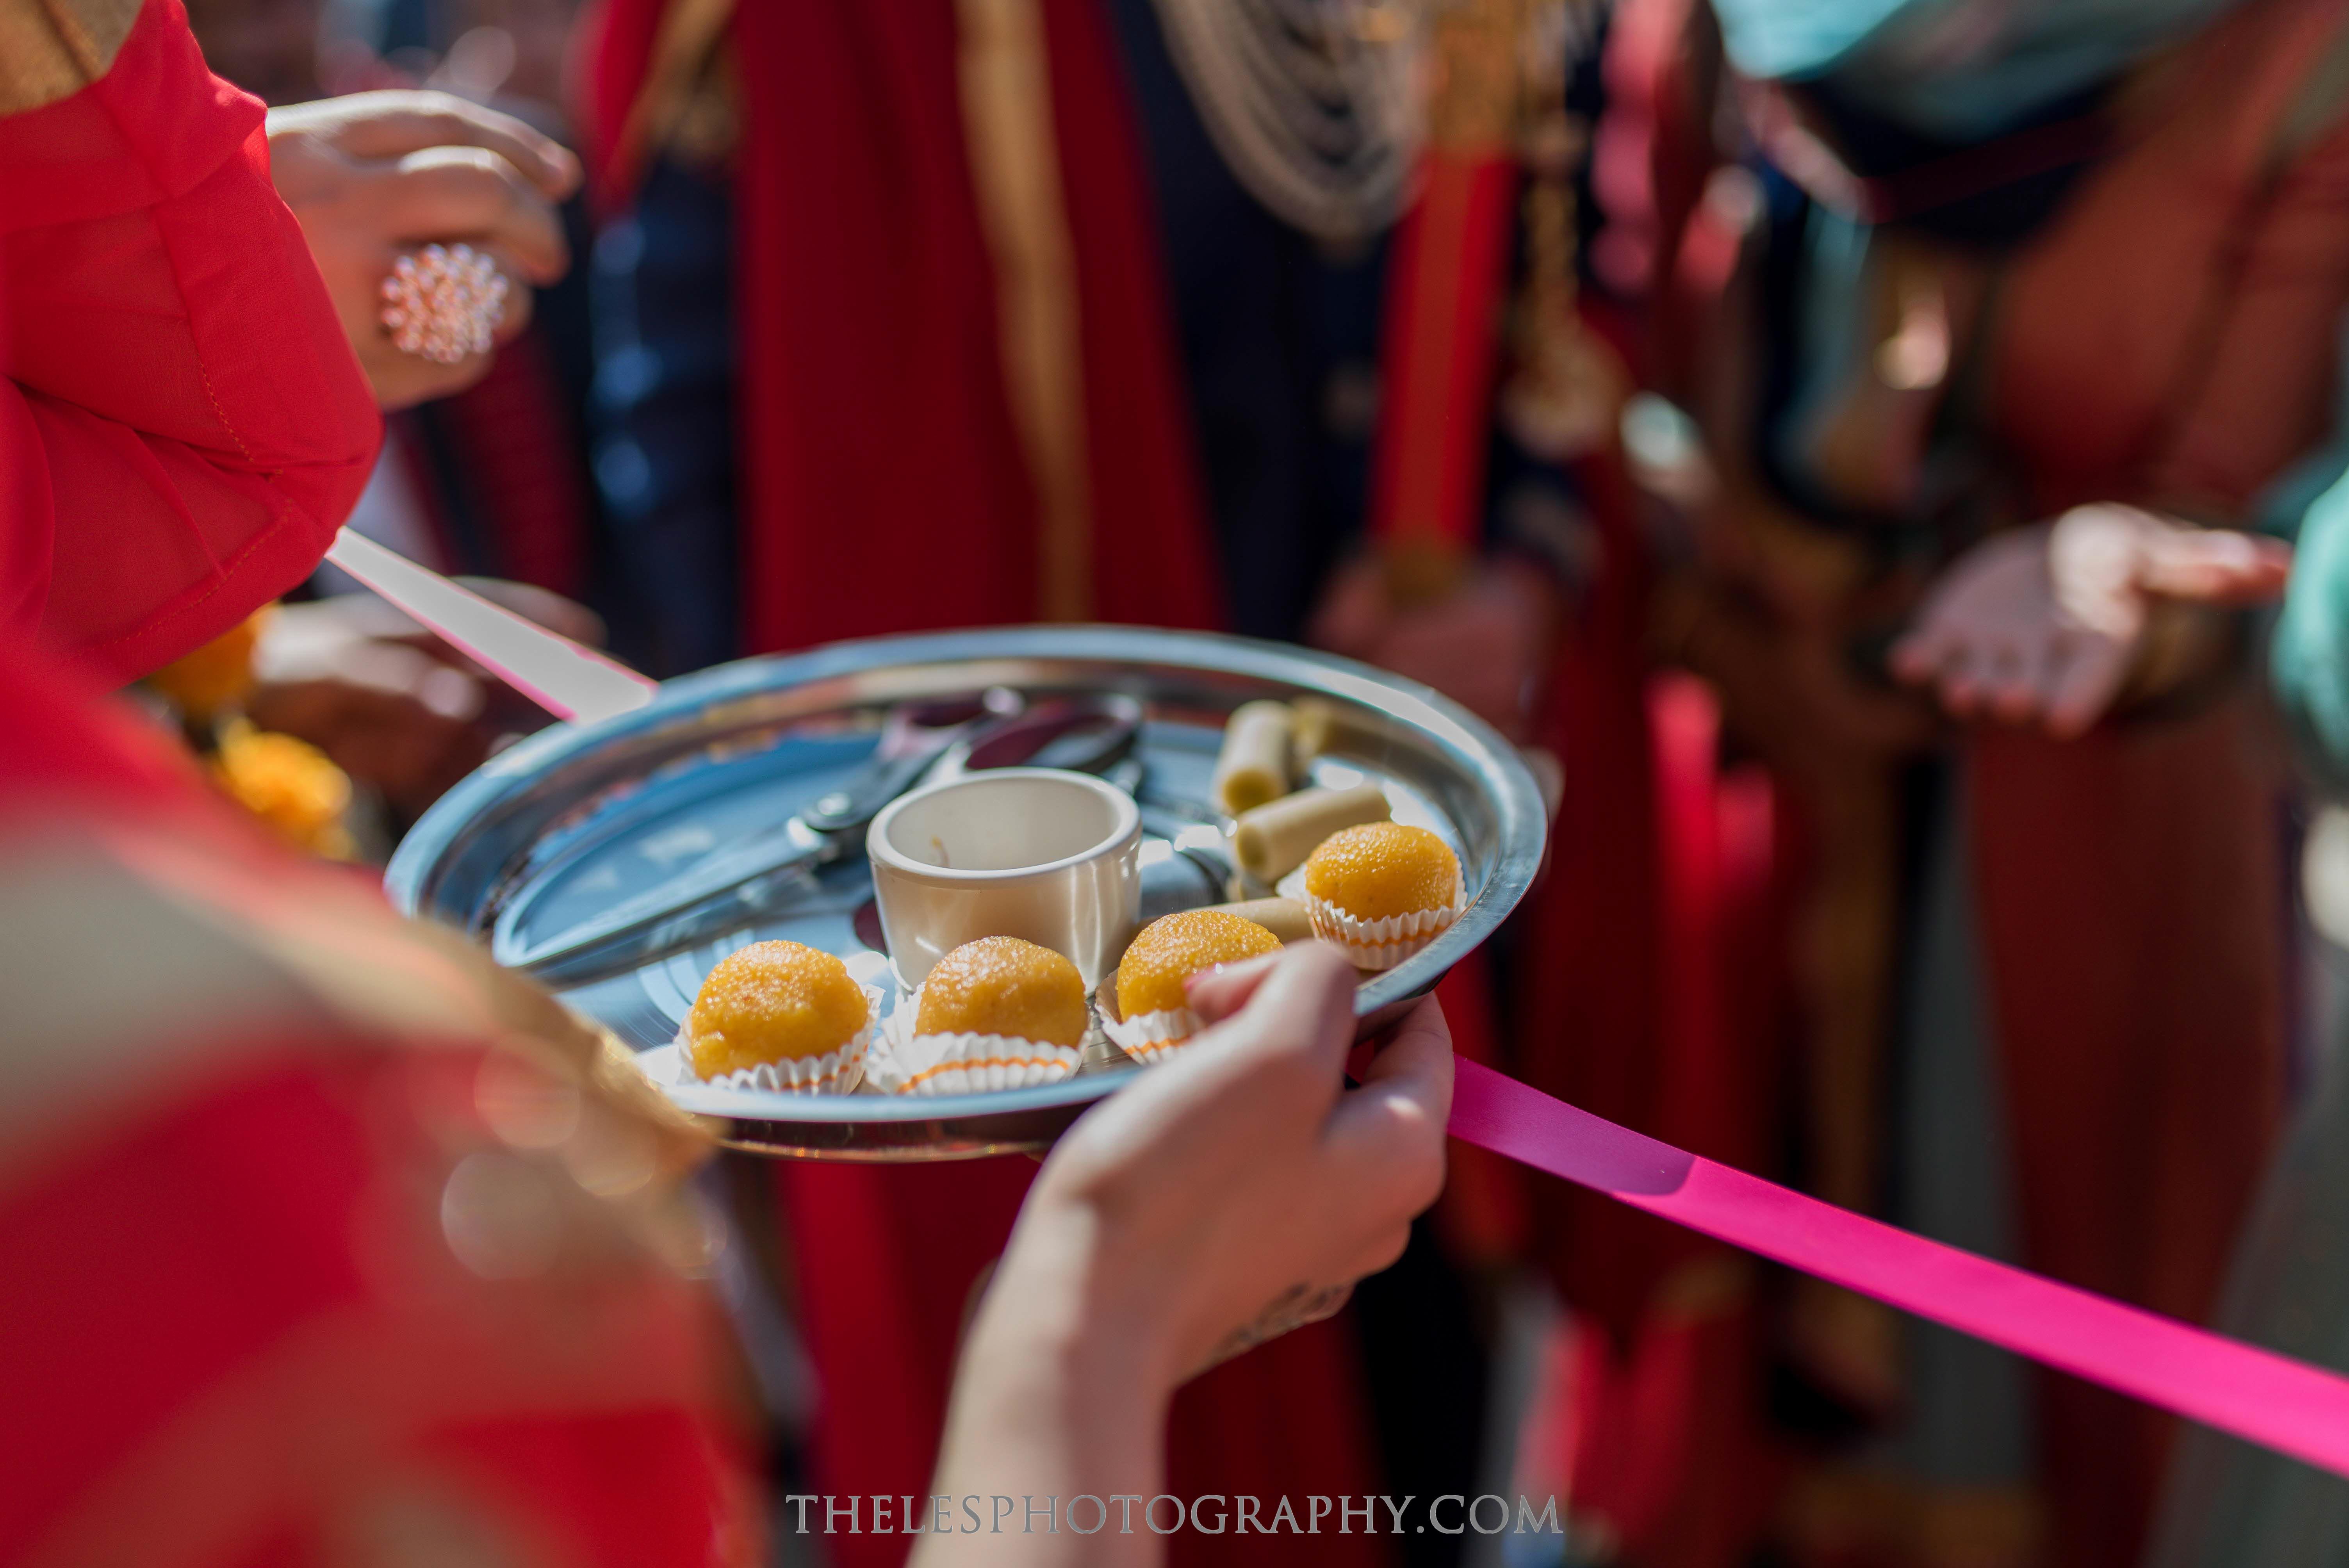 The Les Photography - Punjabi Wedding - Sikh Indian Wedding - Dallas Wedding Photographer 26